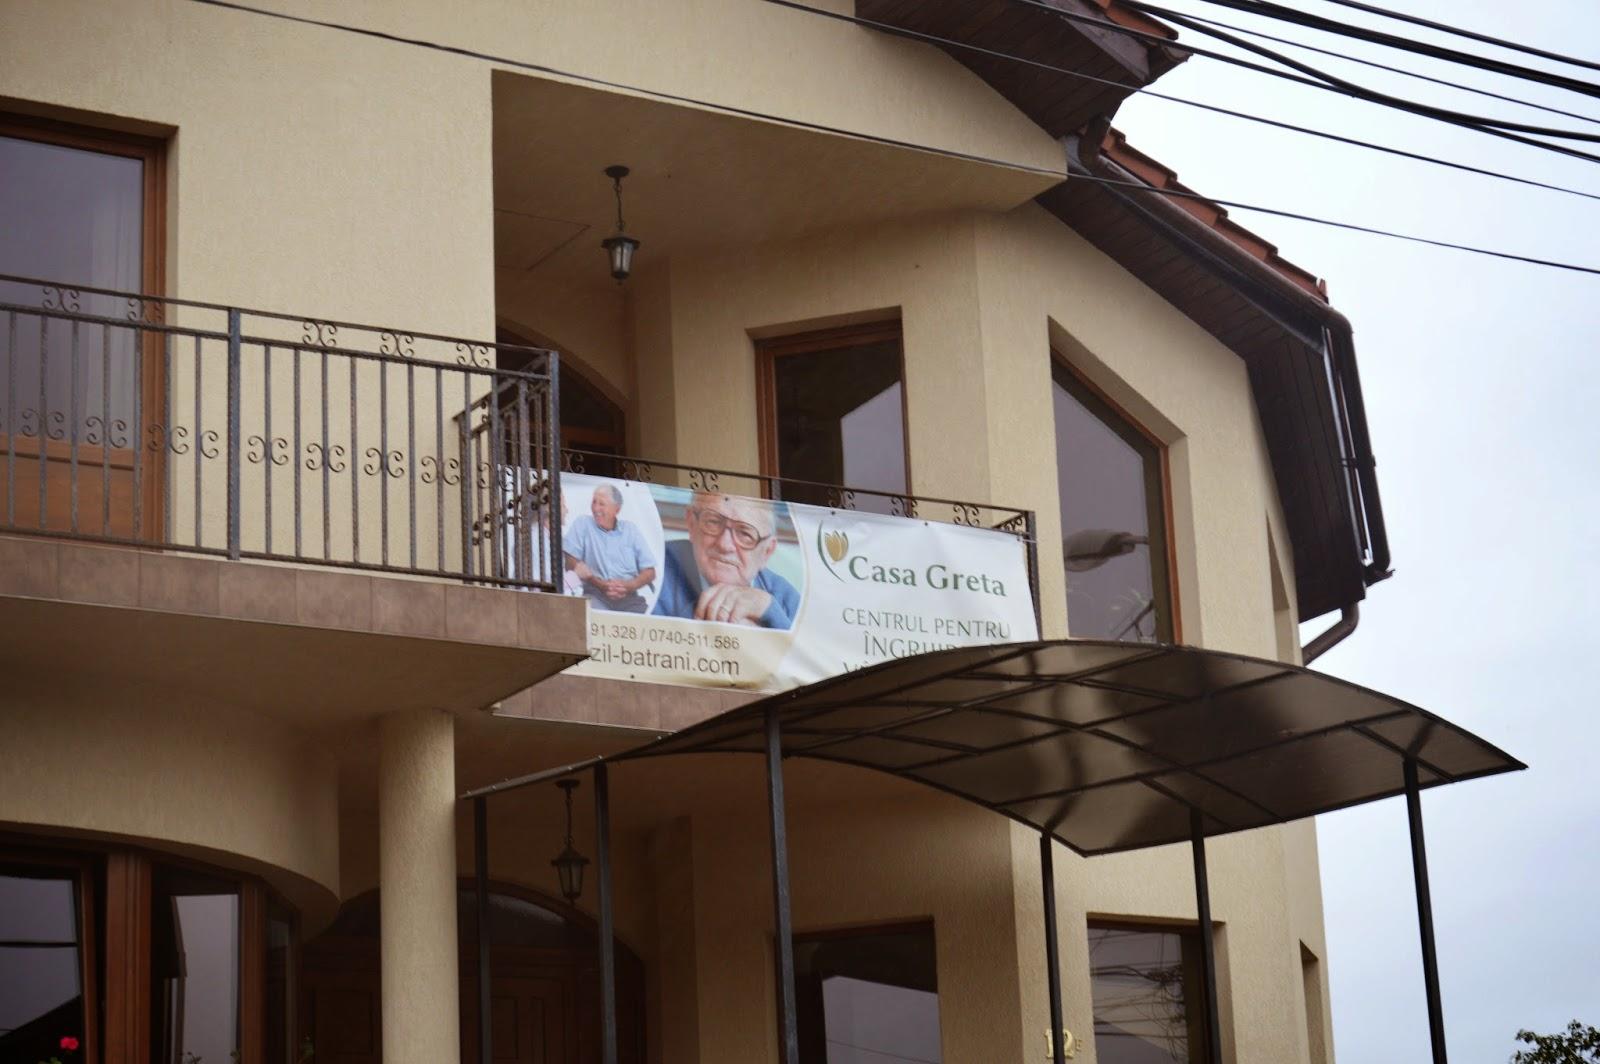 """Centrul pentru ingrijirea varstnicilor """"Casa Greta"""" Cluj-Napoca"""